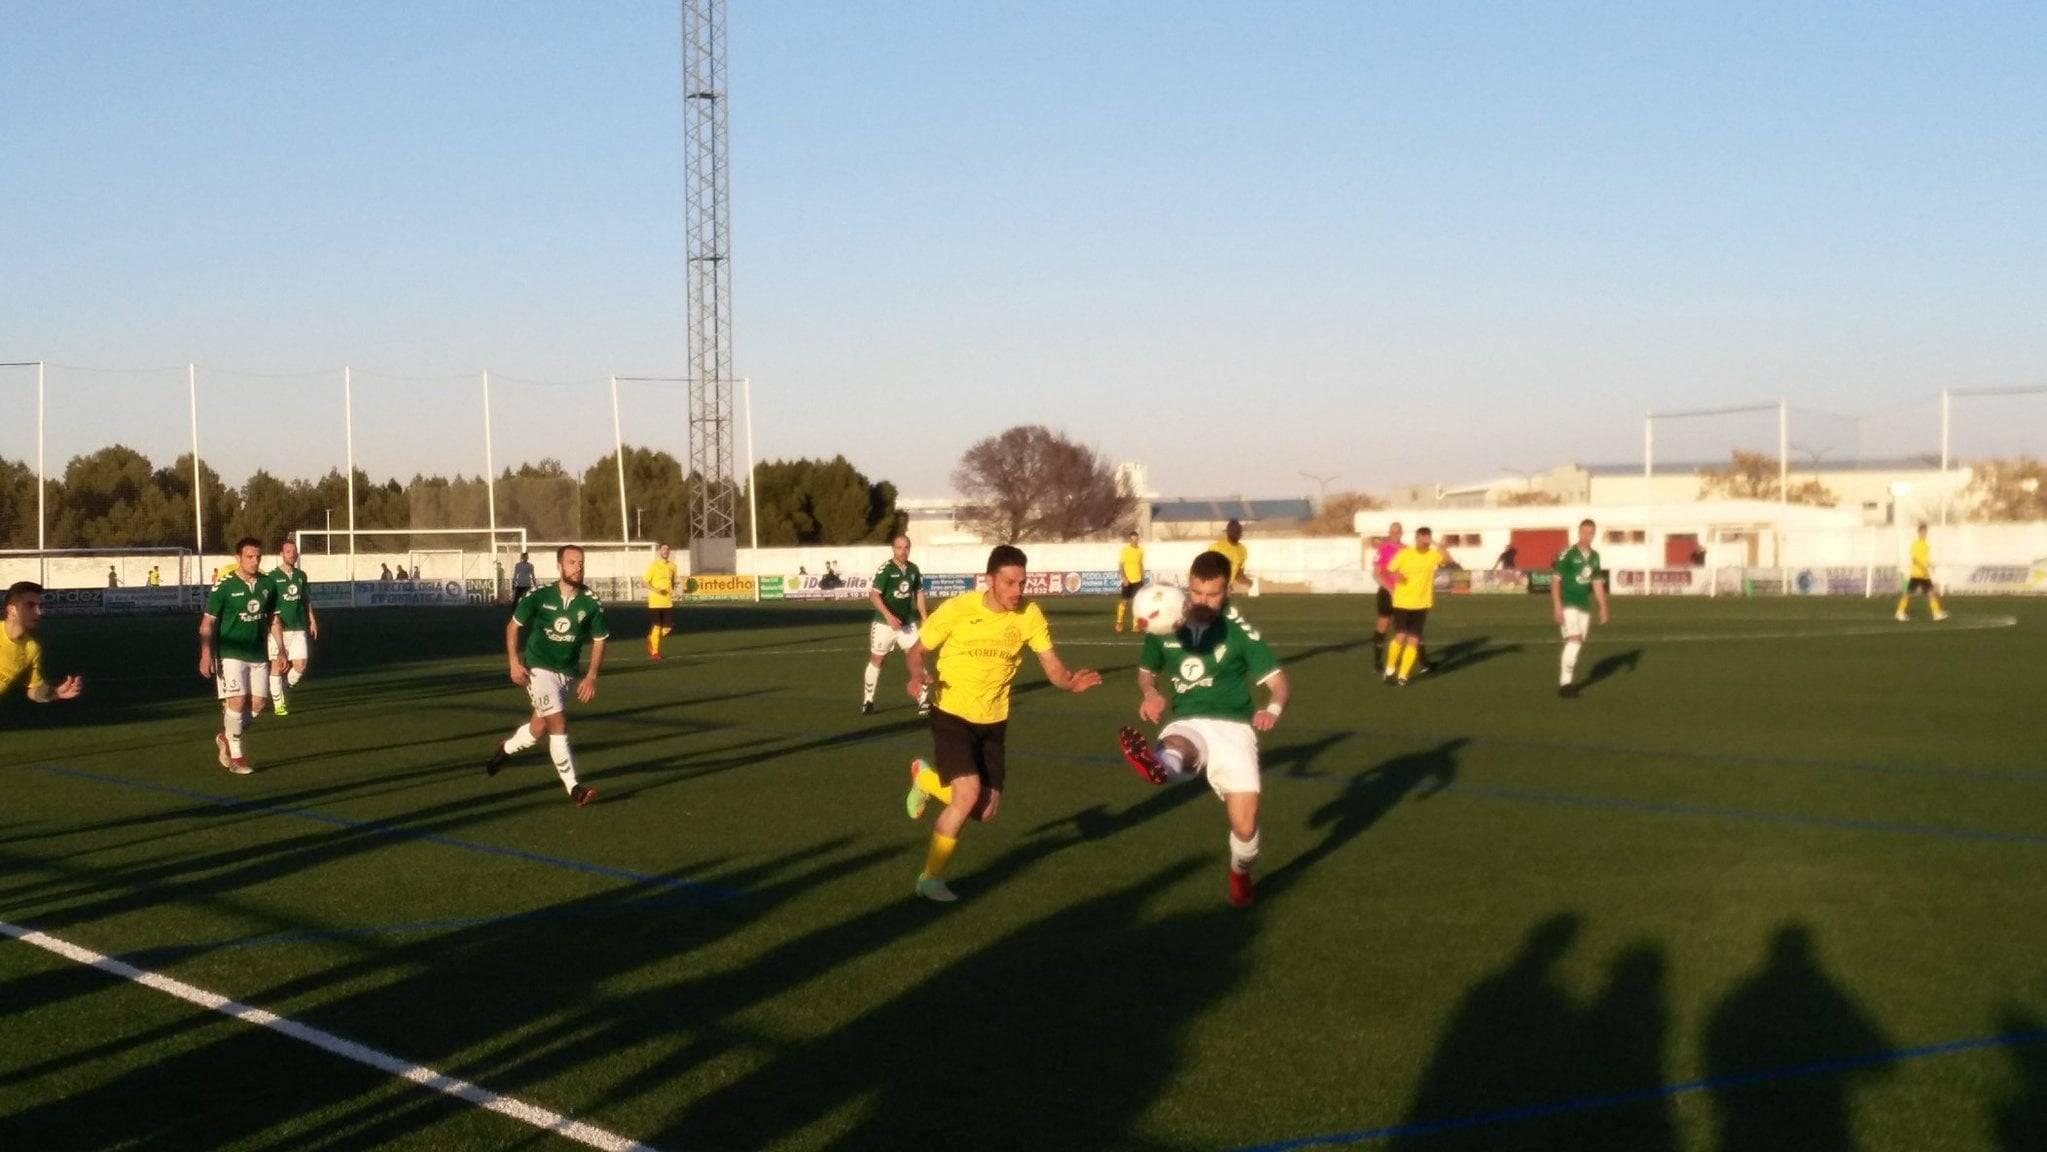 herencia cf vs las mesas futbol herencia 2 - Herencia C.F. suma otros 3 puntos frente Las Mesas